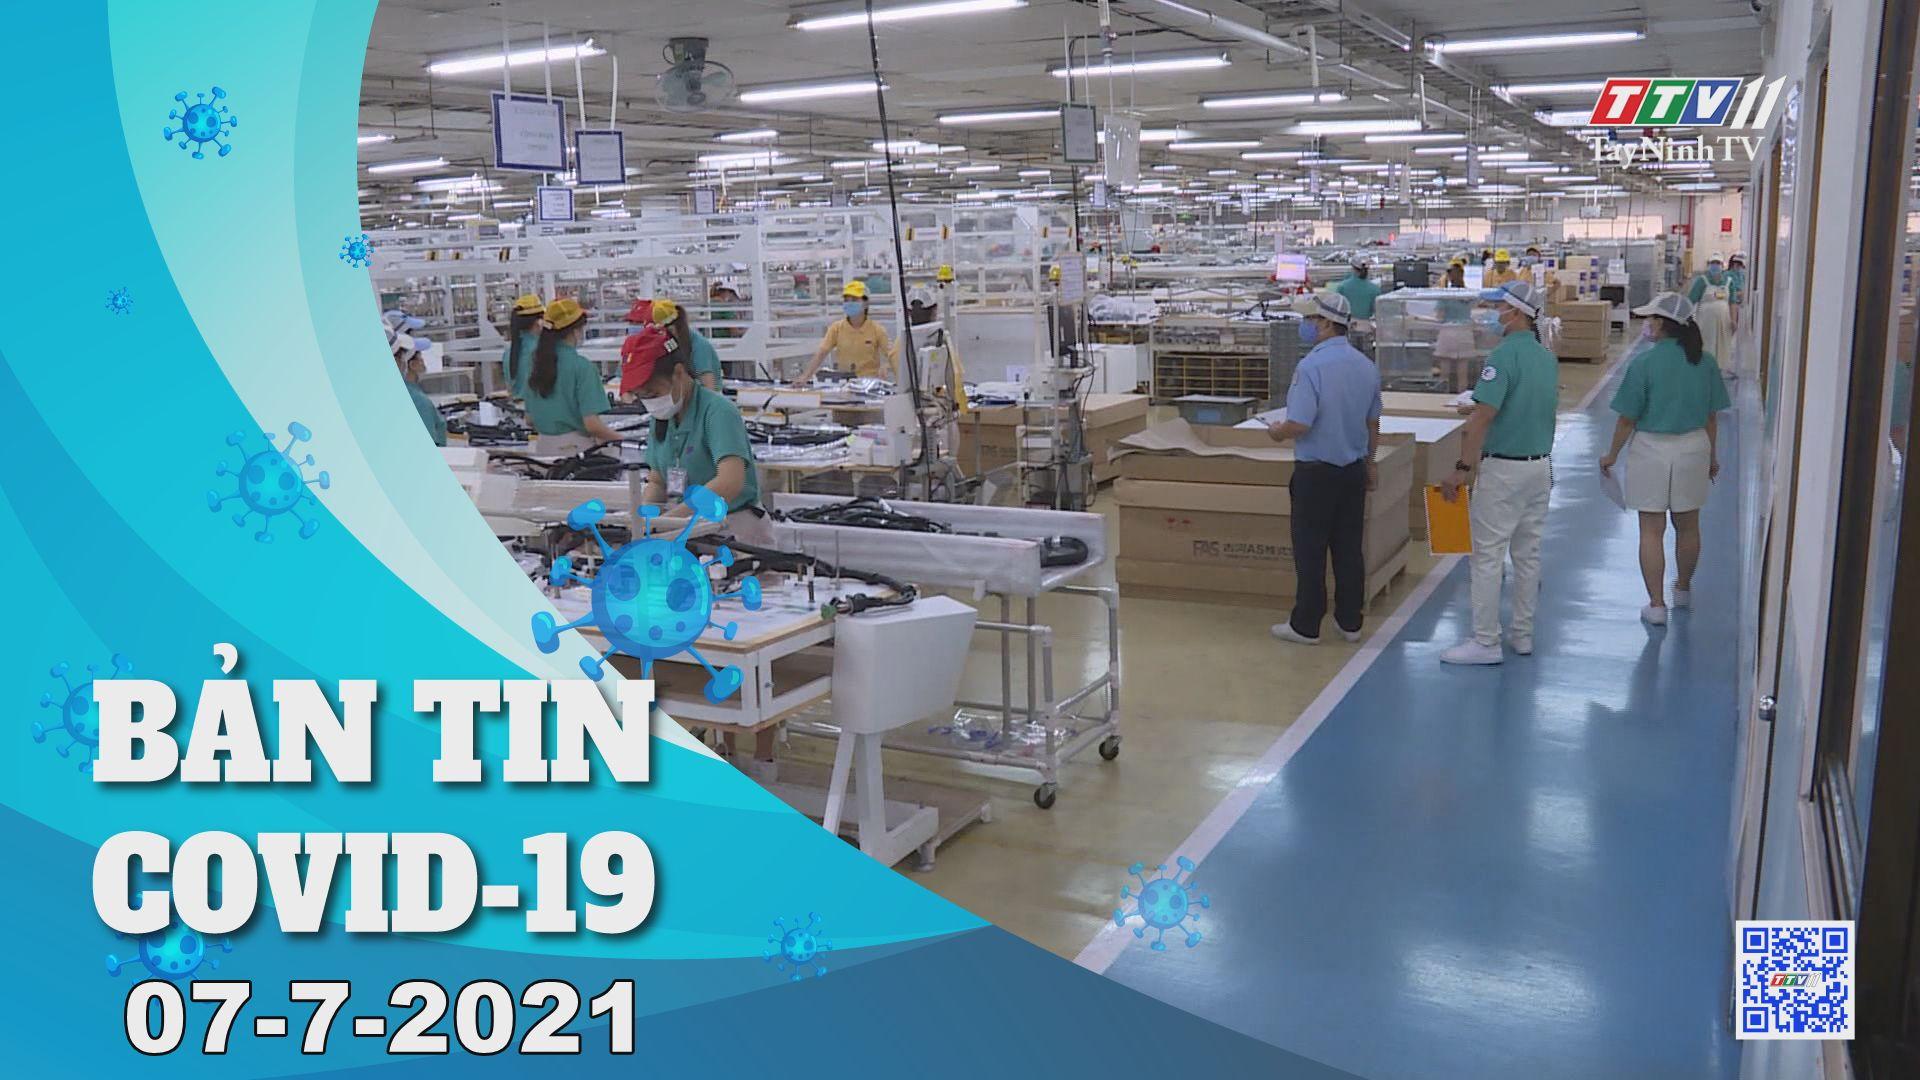 Bản tin Covid-19   Tin tức hôm nay 07-7-2021   TâyNinhTV